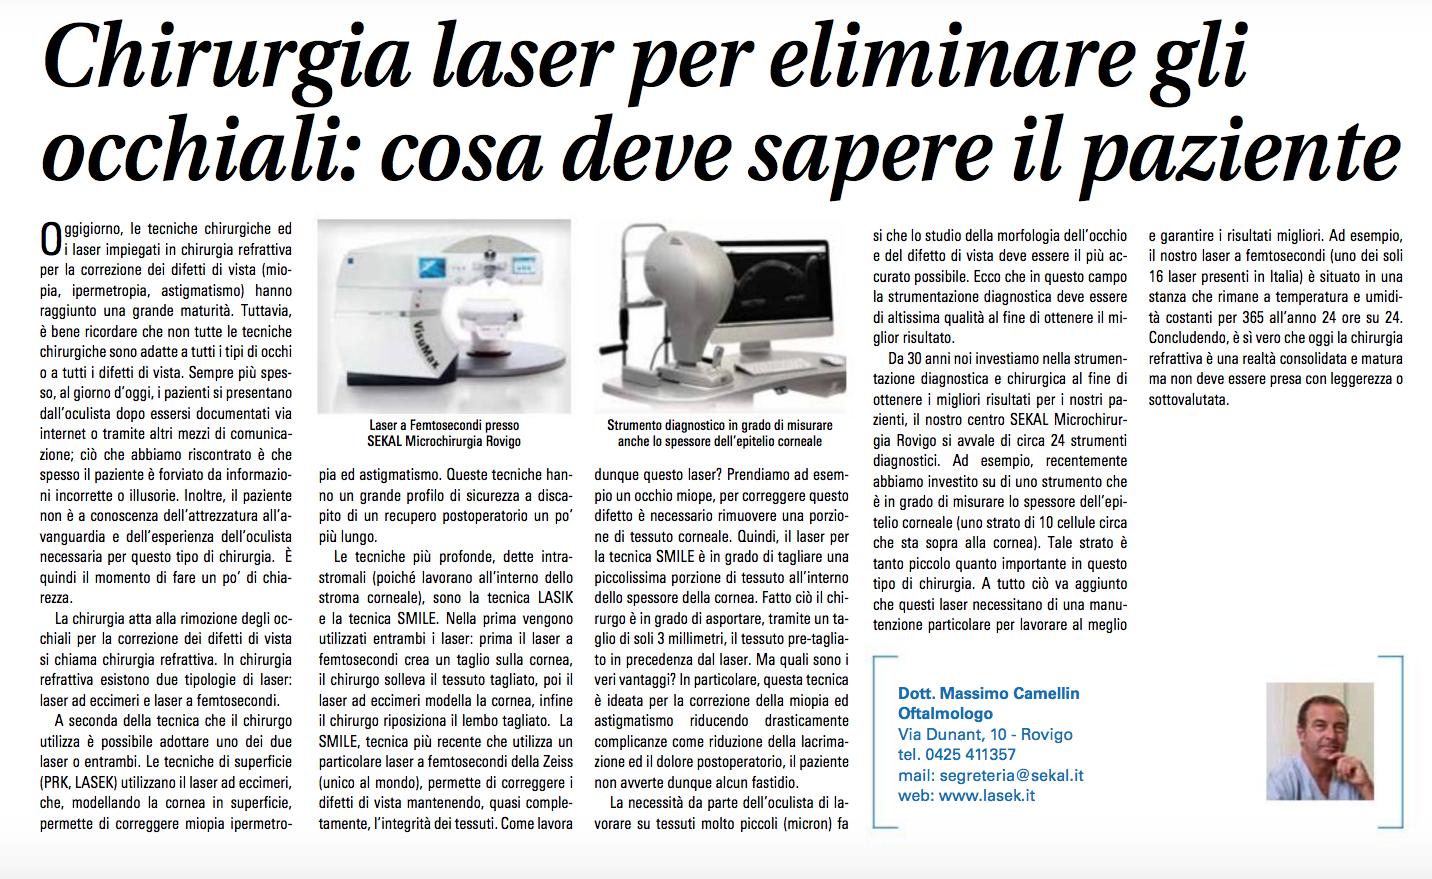 Chirurgia laser per eliminare gli occhiali: cosa deve sapere il paziente